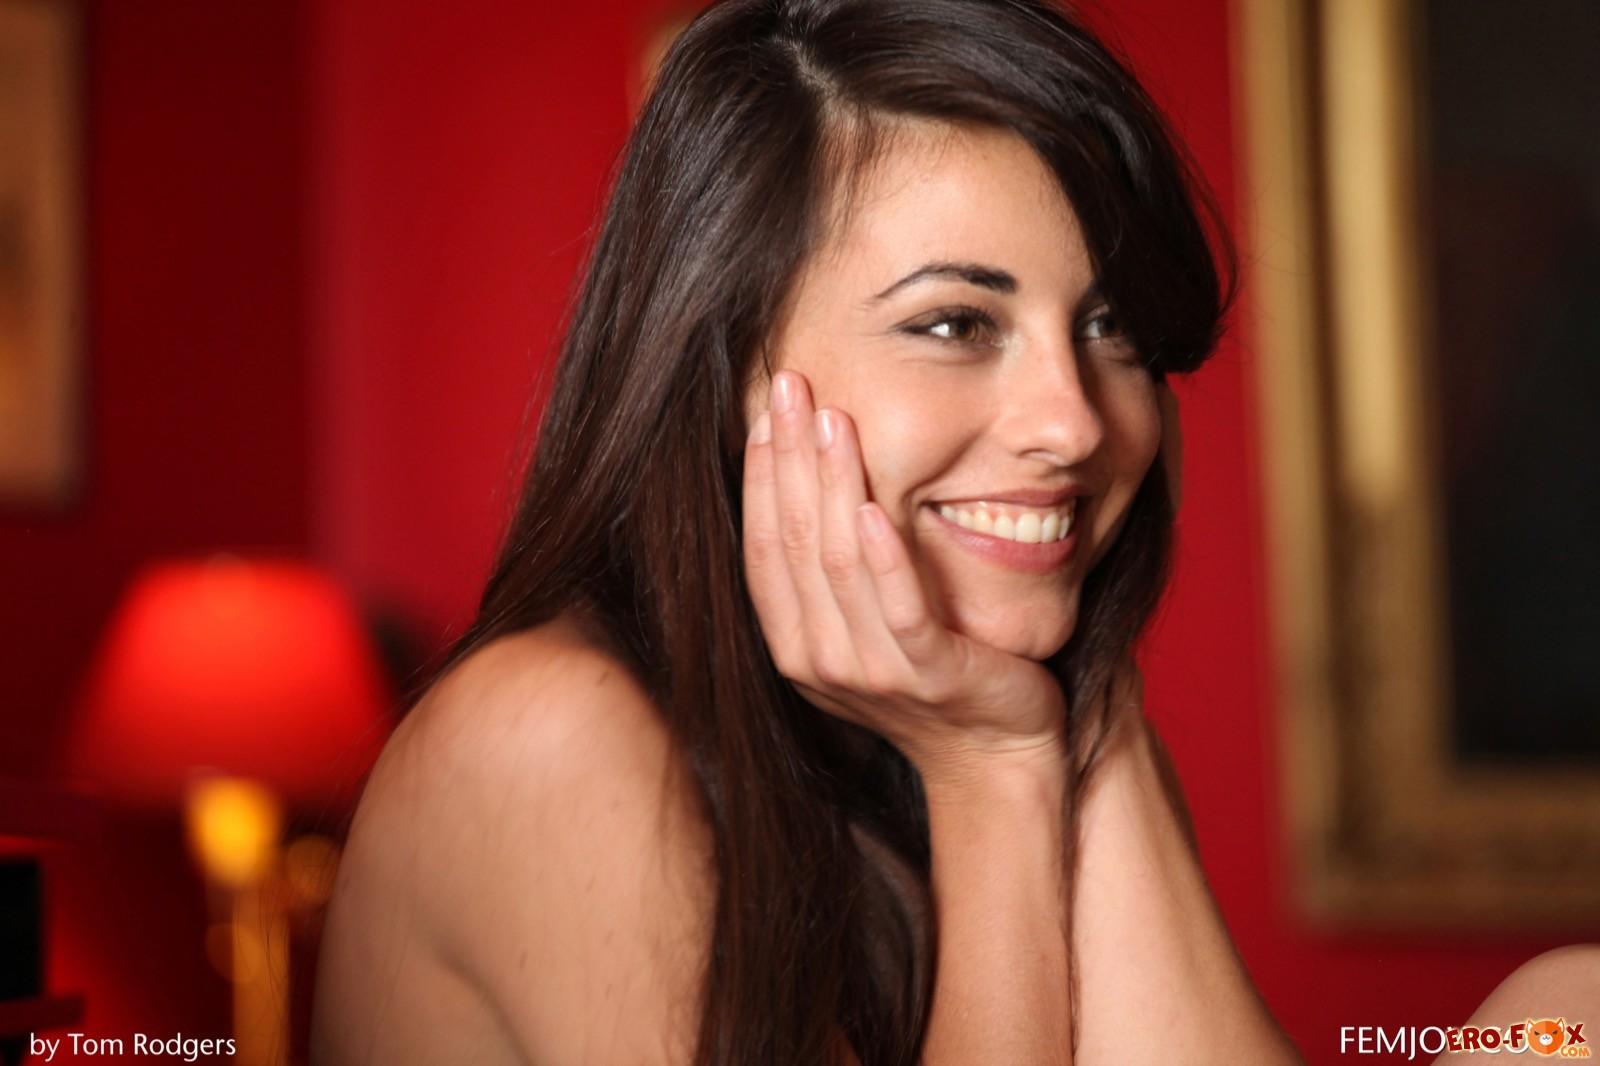 Девушка без трусиков показывает раком красивую попу